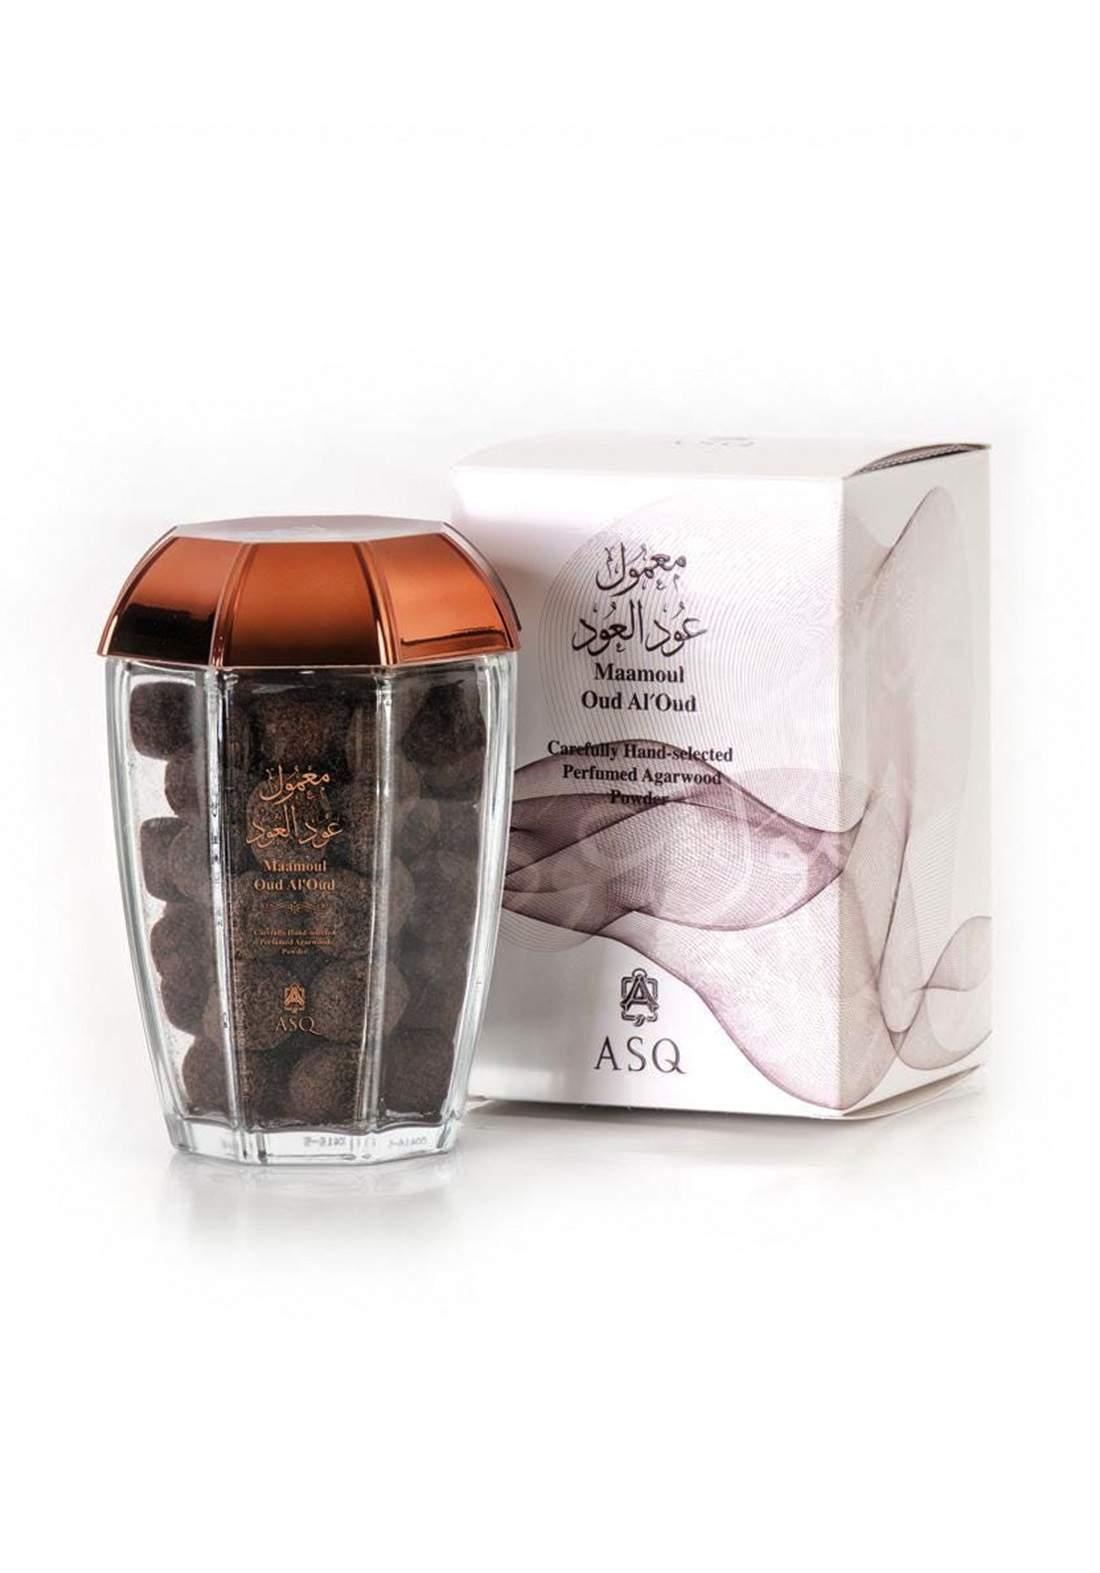 Abdul Samad Al Qurashi 74009 Maamoul Oud Al'Oud Perfumed Agarwood Powder معمول عود العود